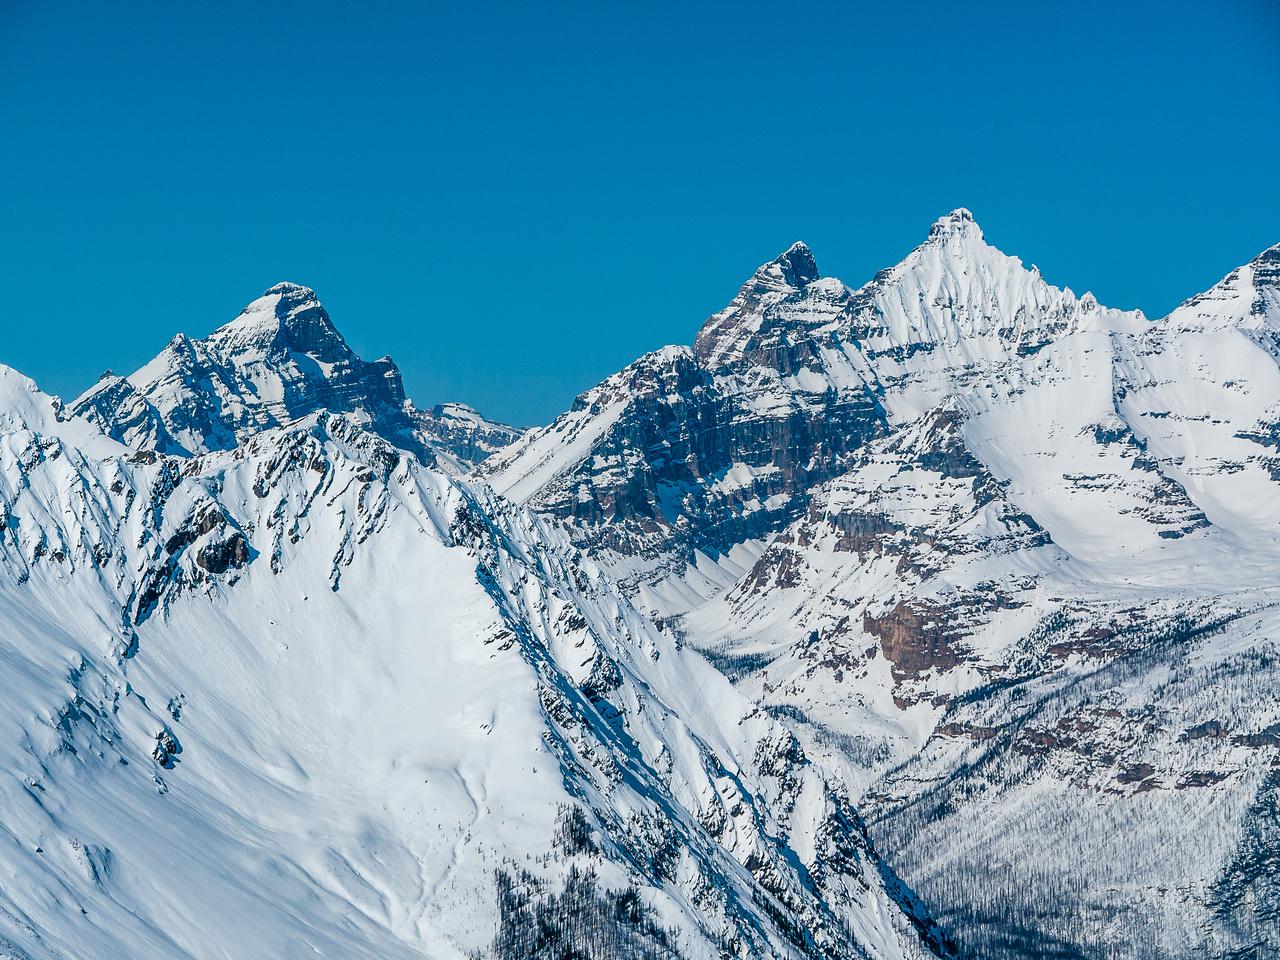 Mount Biddle, Hungabee and Deltaform.